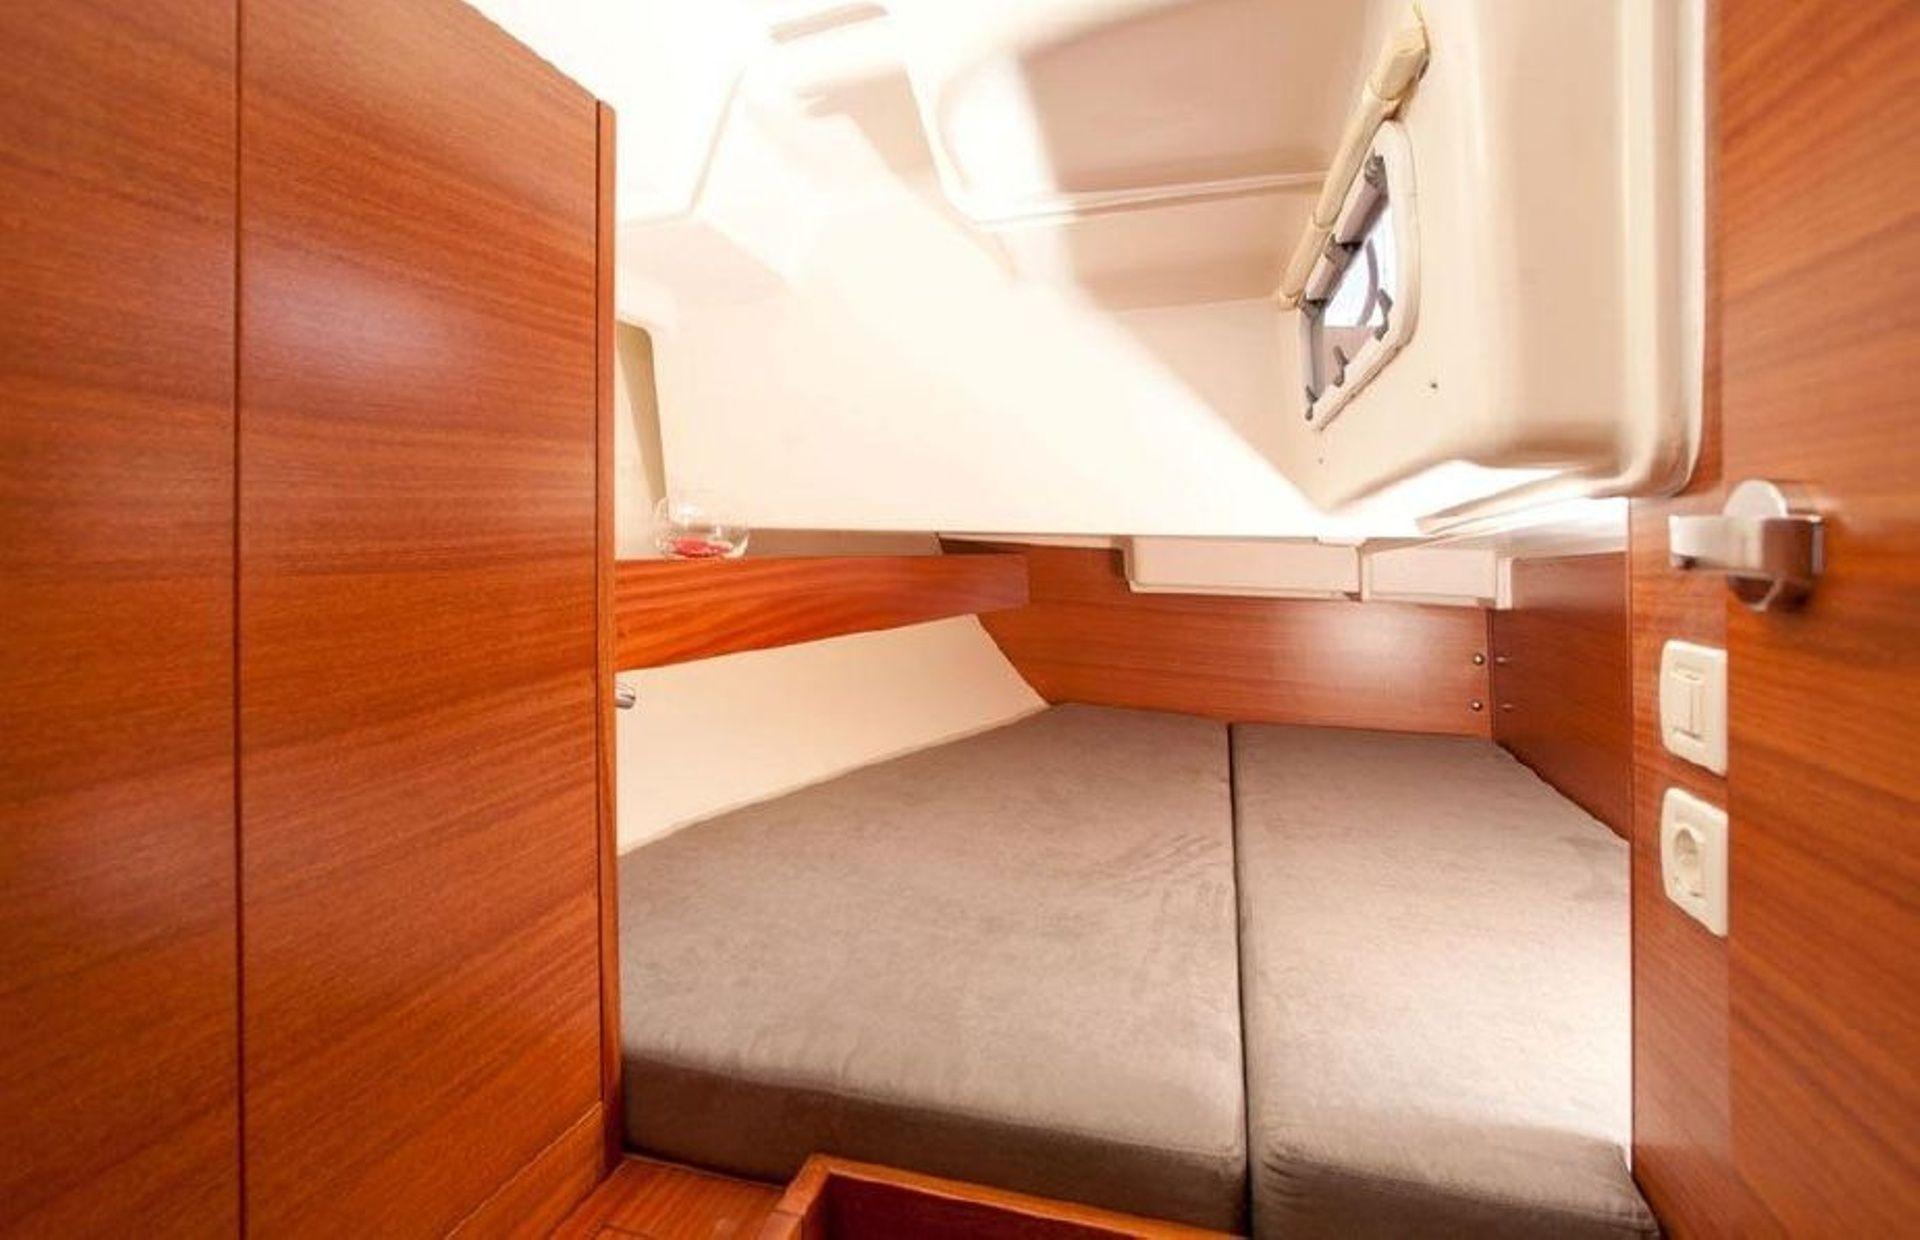 https://media.insailing.com/boat/salona-41/image_1570453088613.jpg